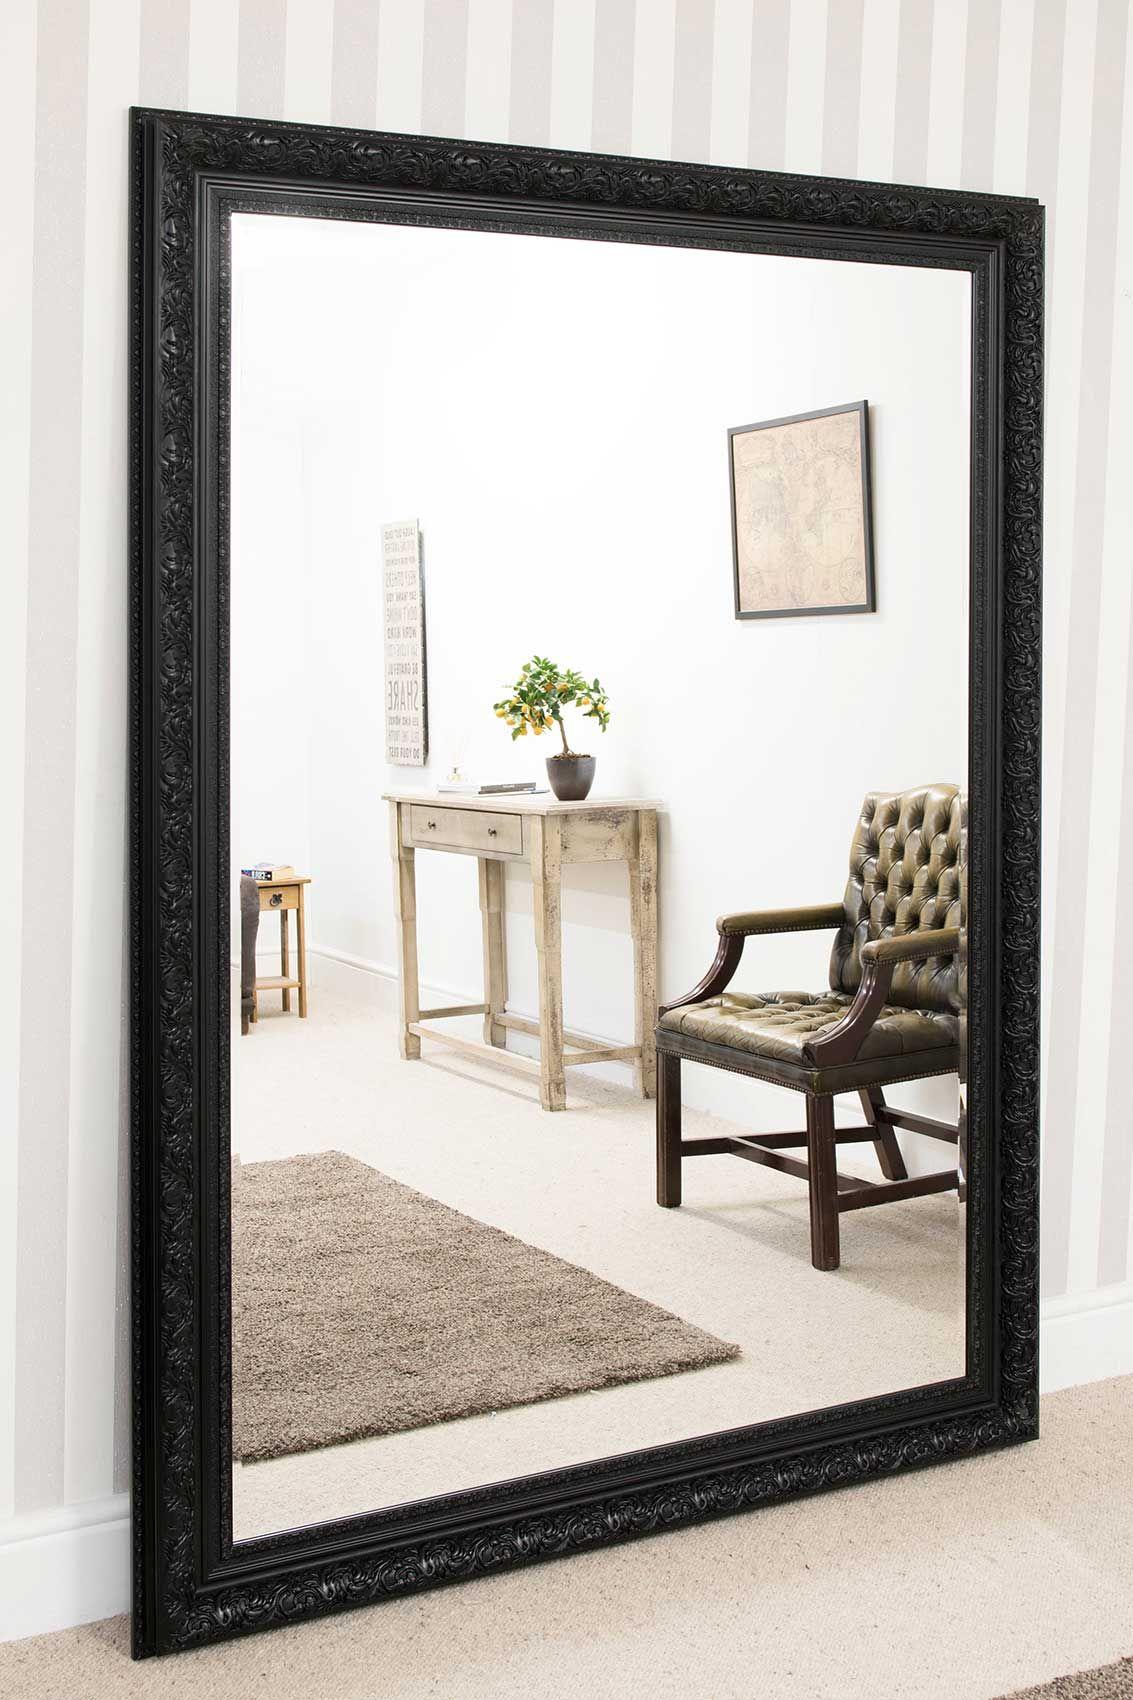 Devonshire Large Black Framed Mirror 215x154cm Large